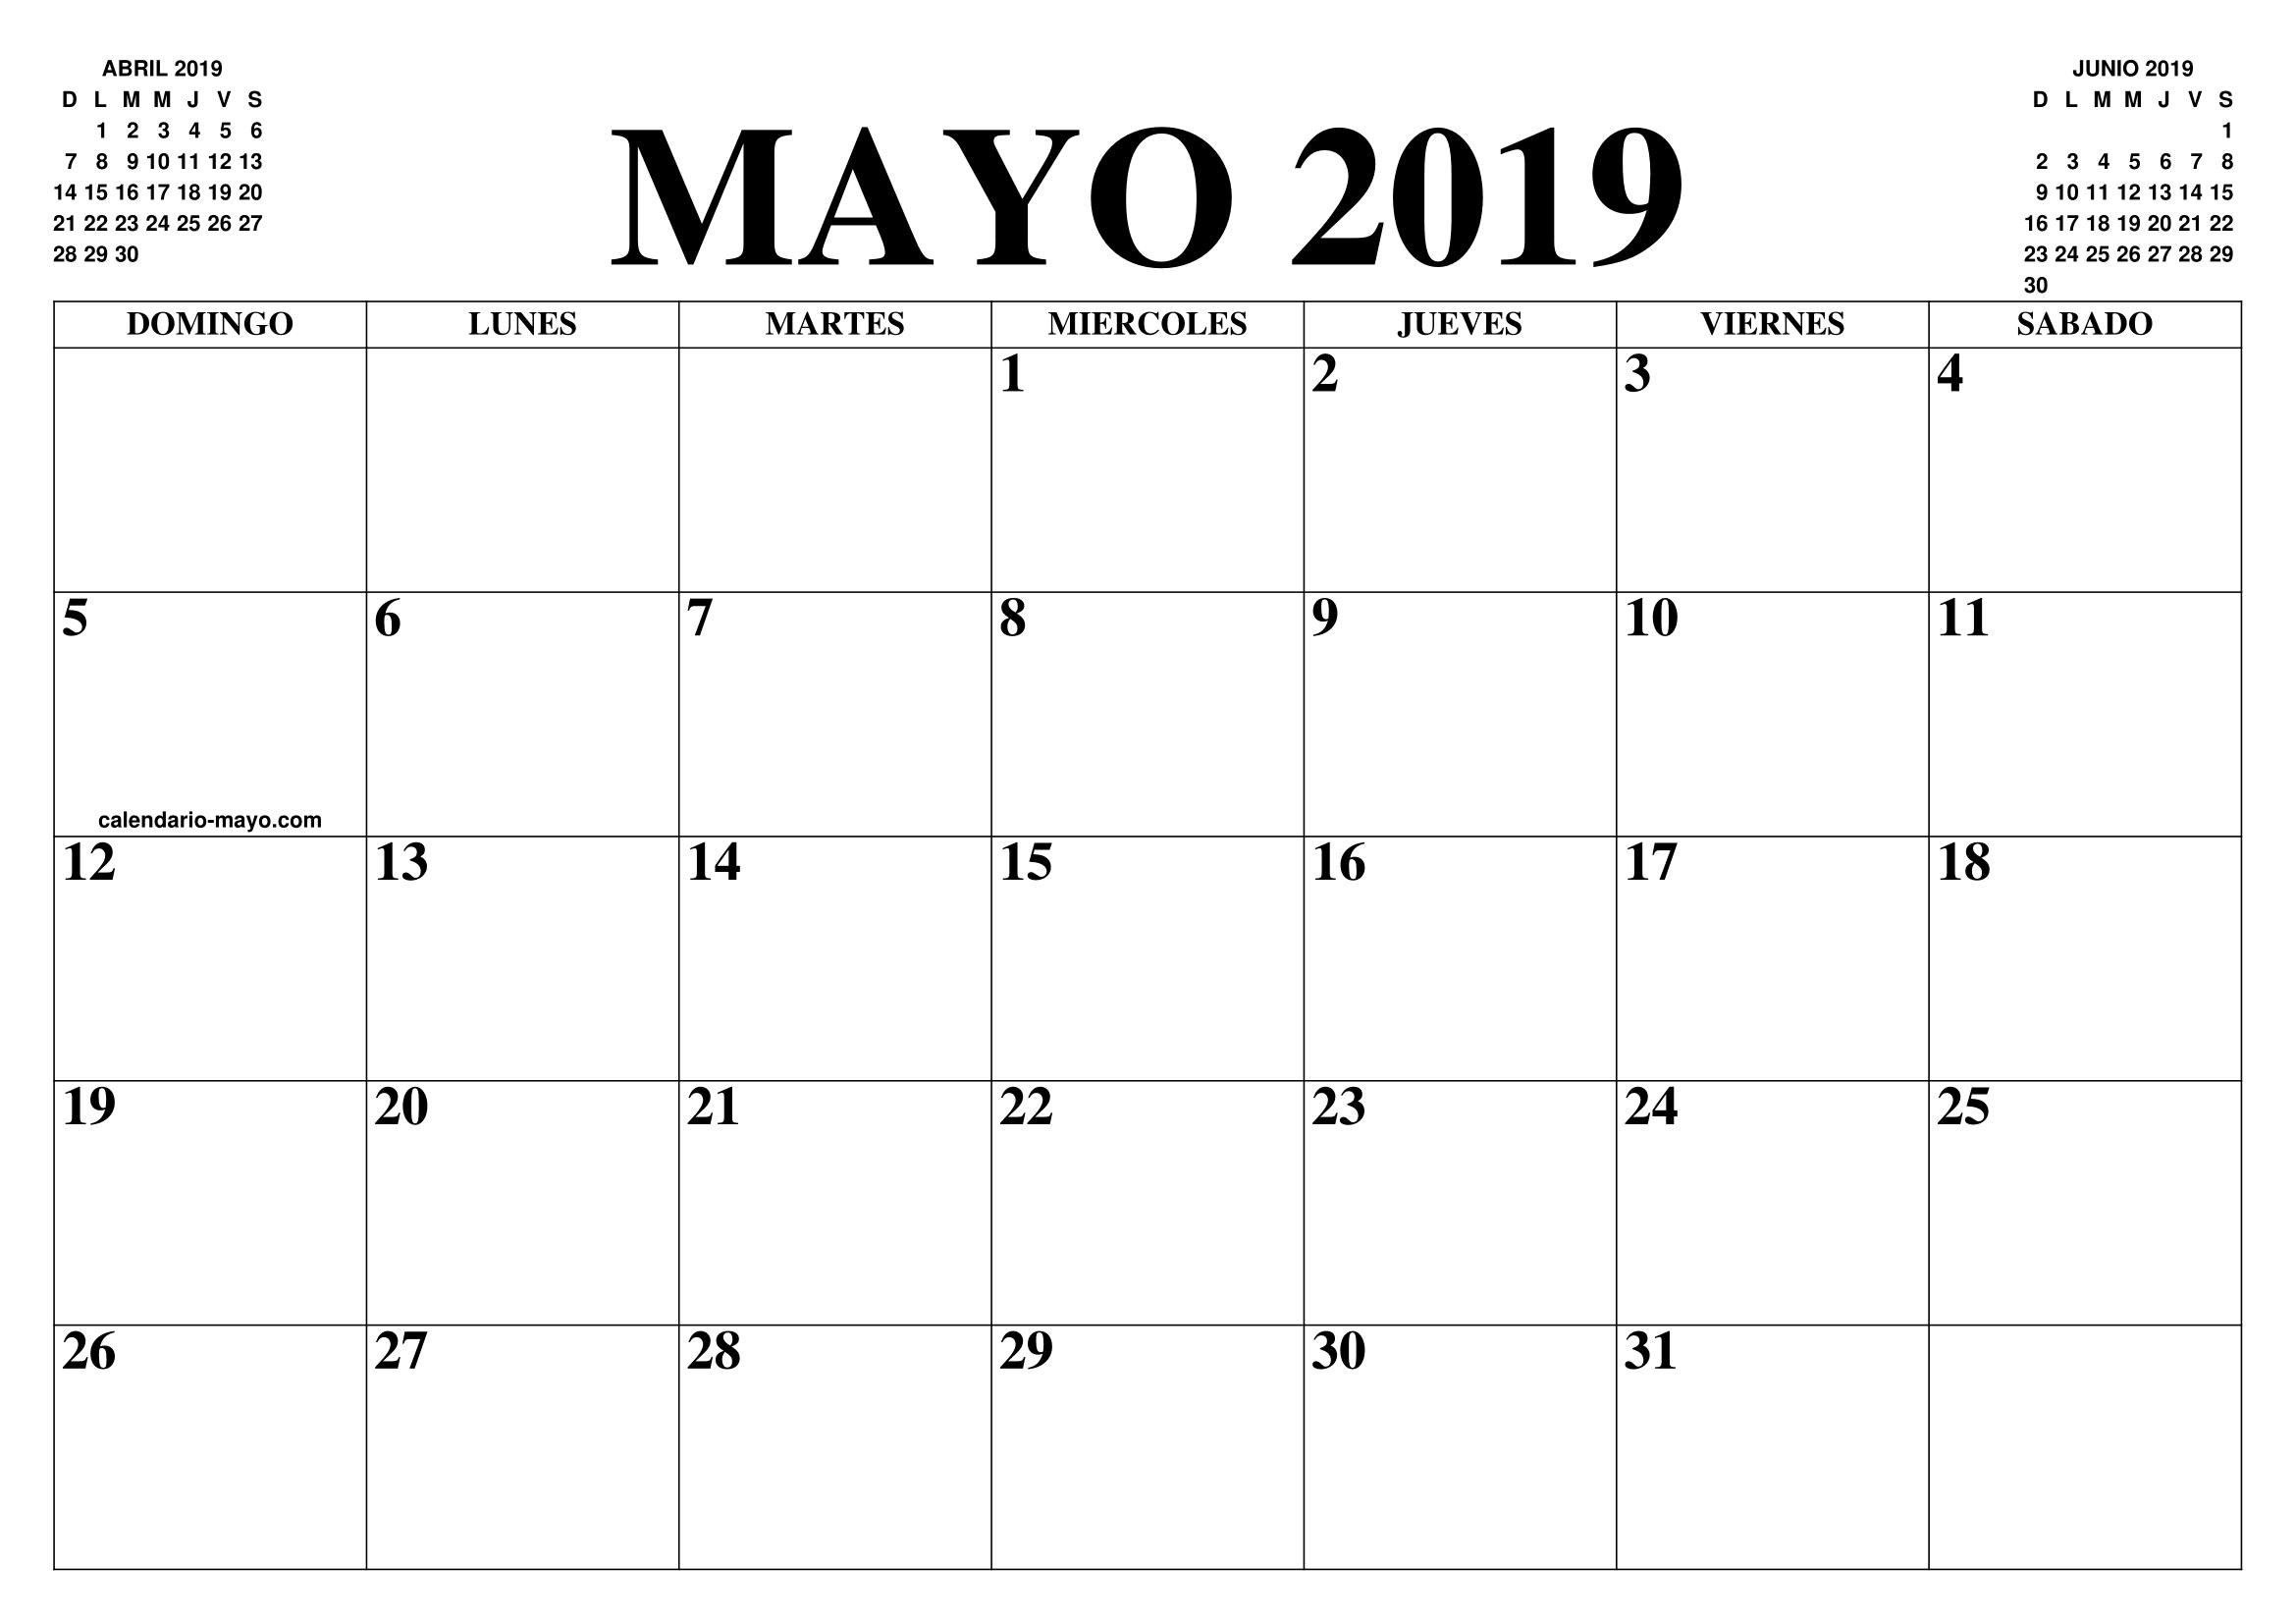 Calendario Abril Y Mayo 2019.Calendario Mayo 2019 2020 El Calendario Mayo 2019 2020 Para